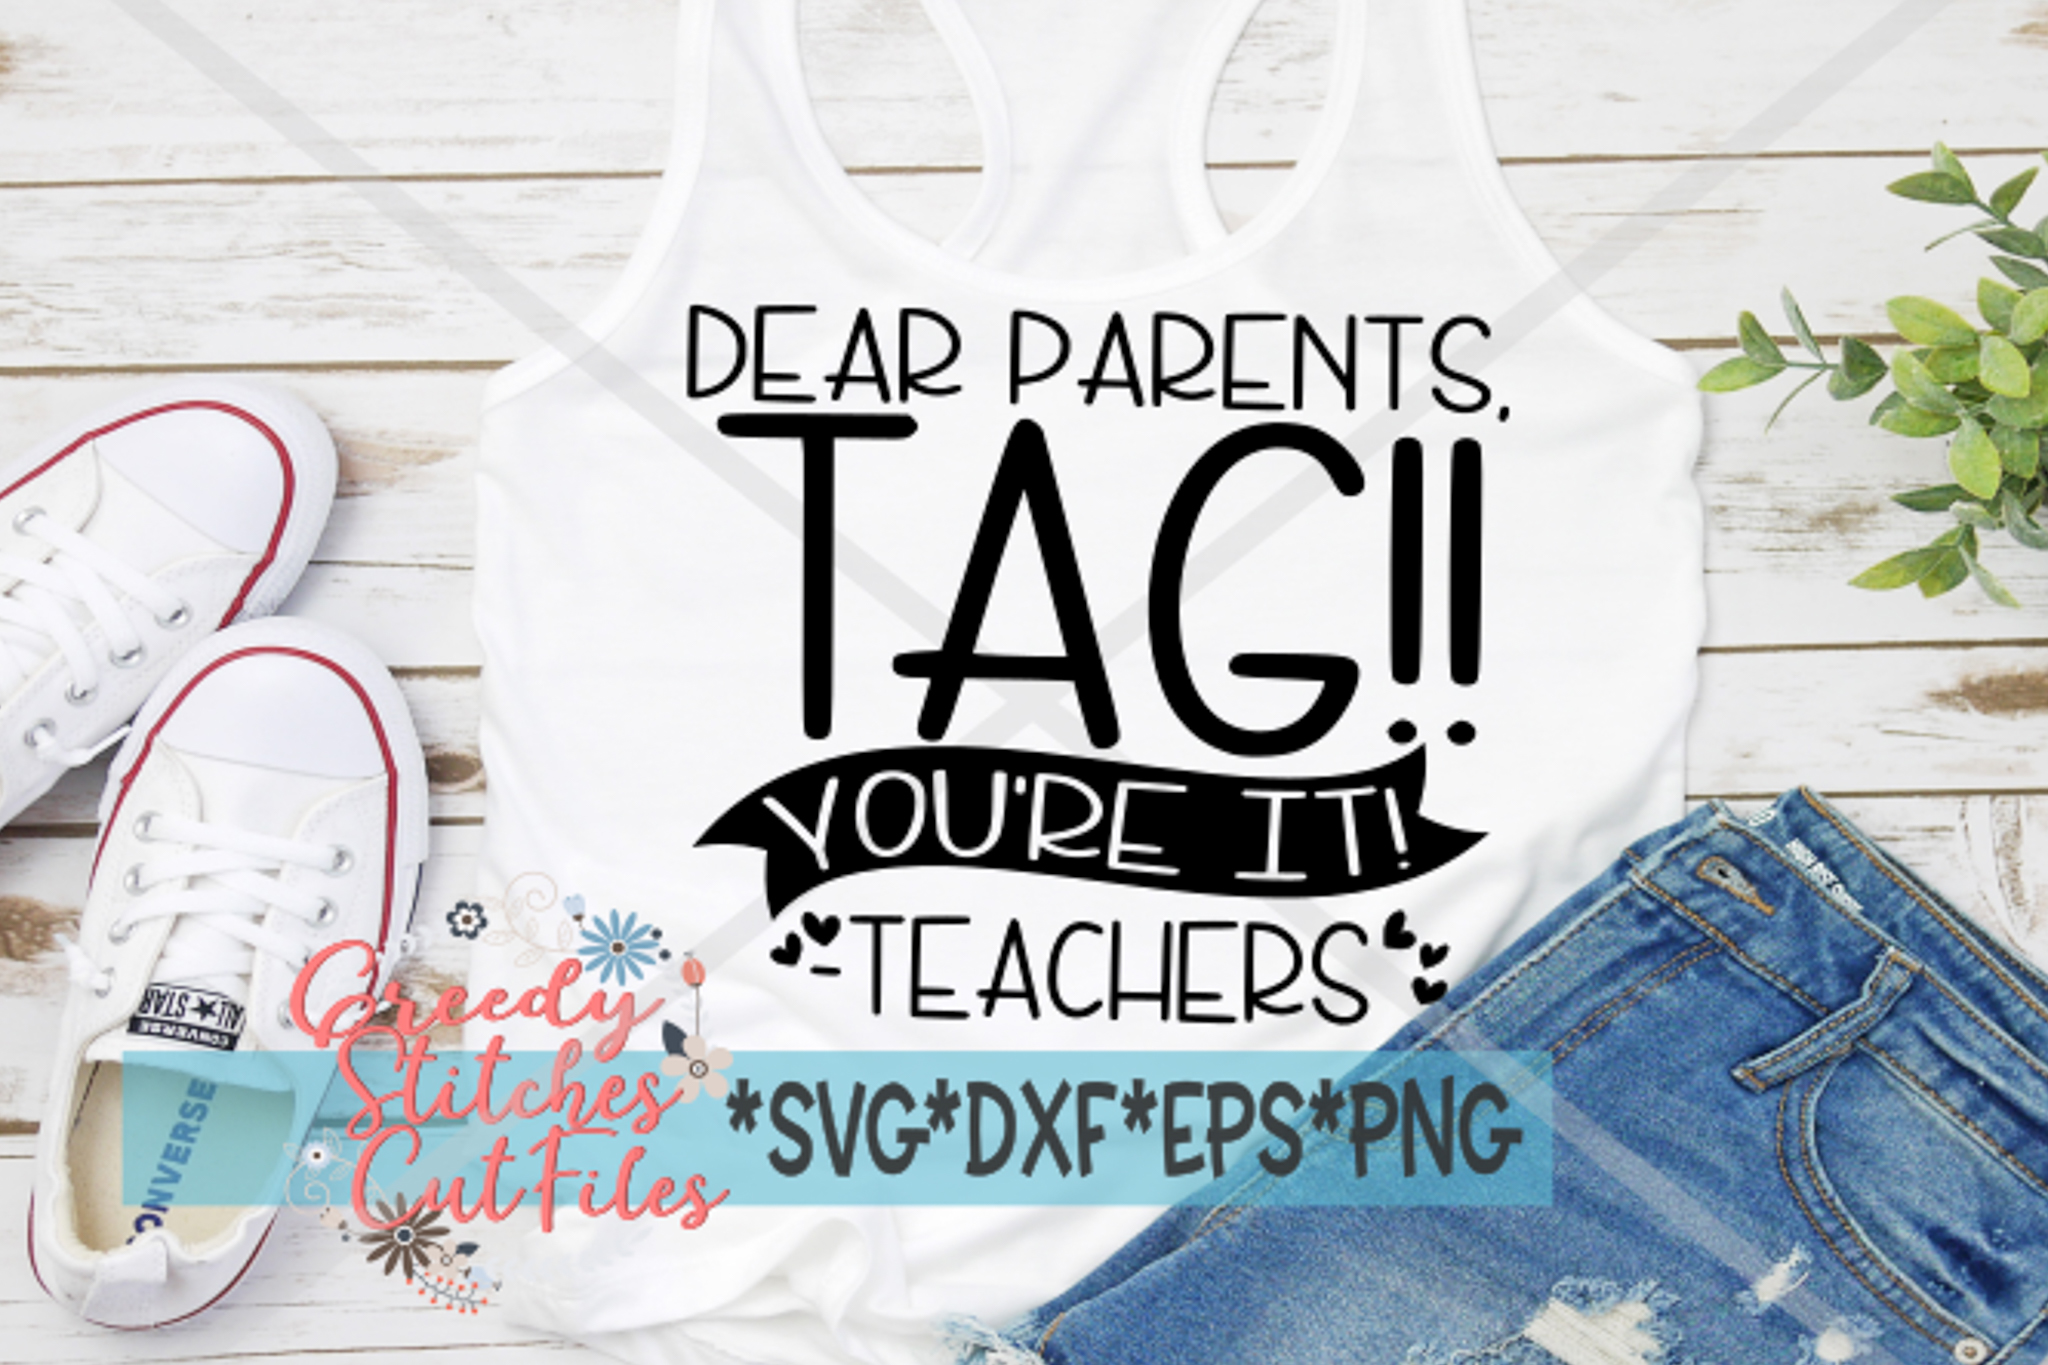 Teacher SVG | Dear Parents, Tag!! You're It! -Teacher SVG example image 2